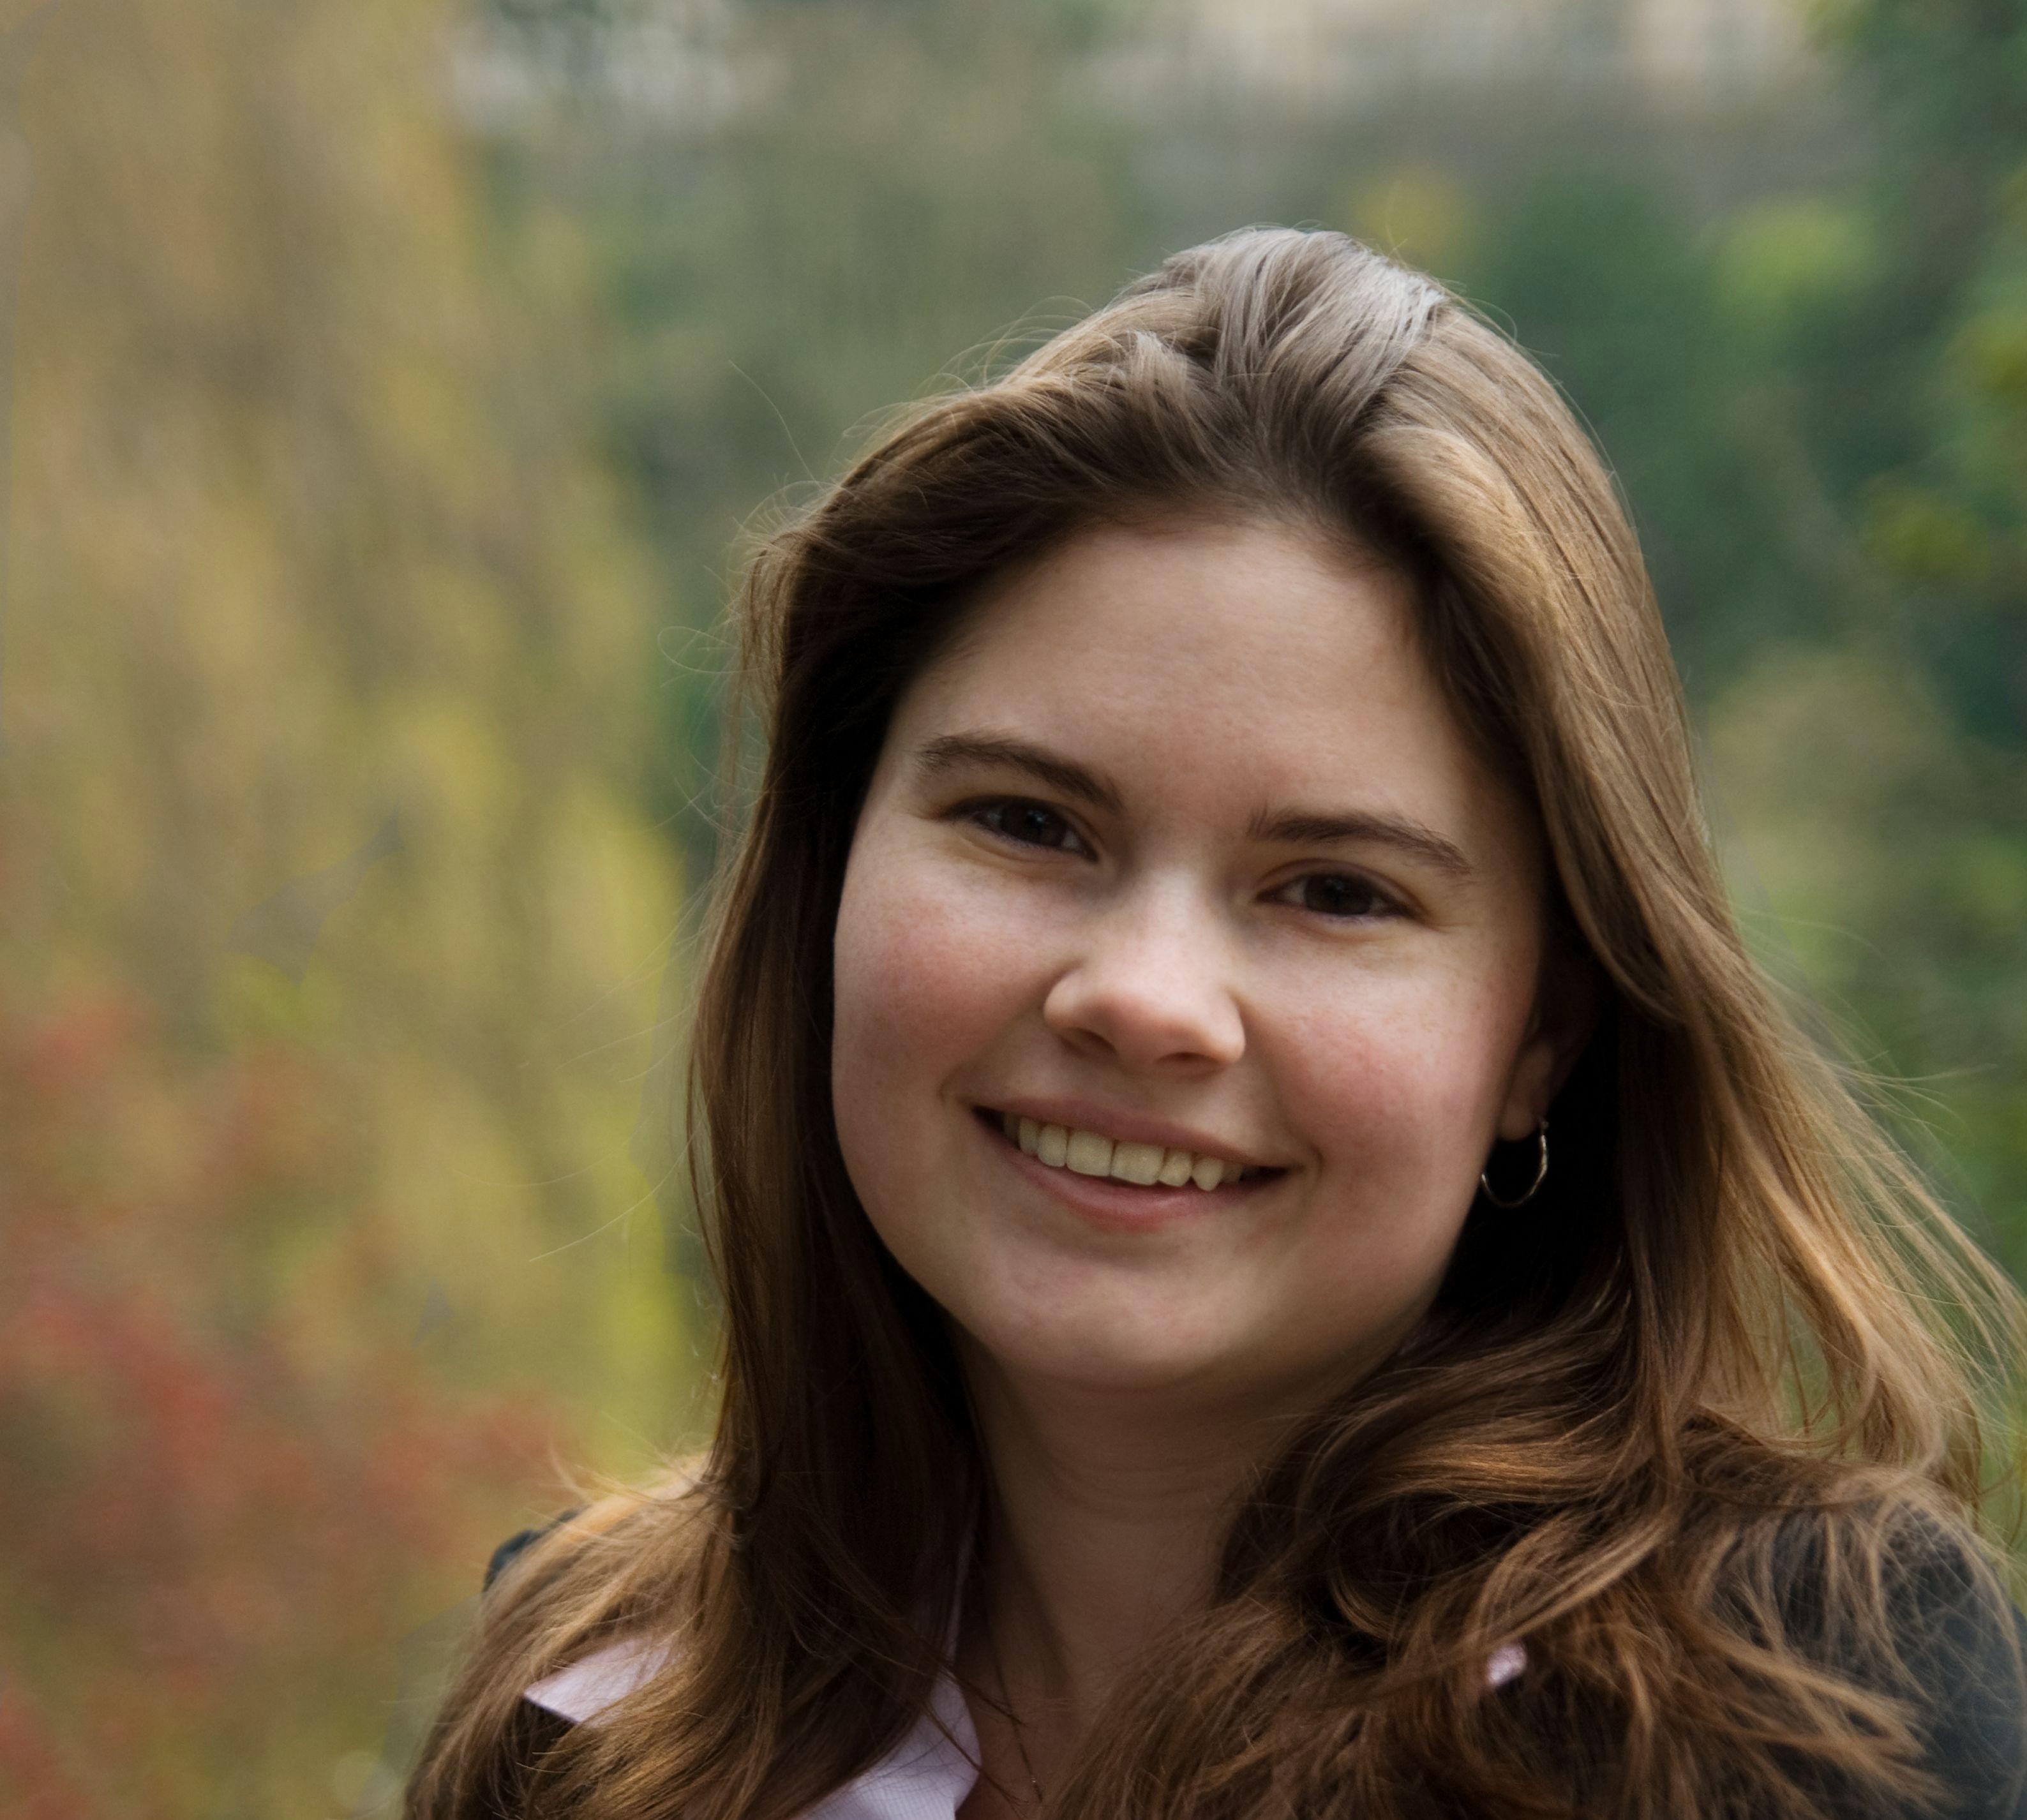 Allison Lounes